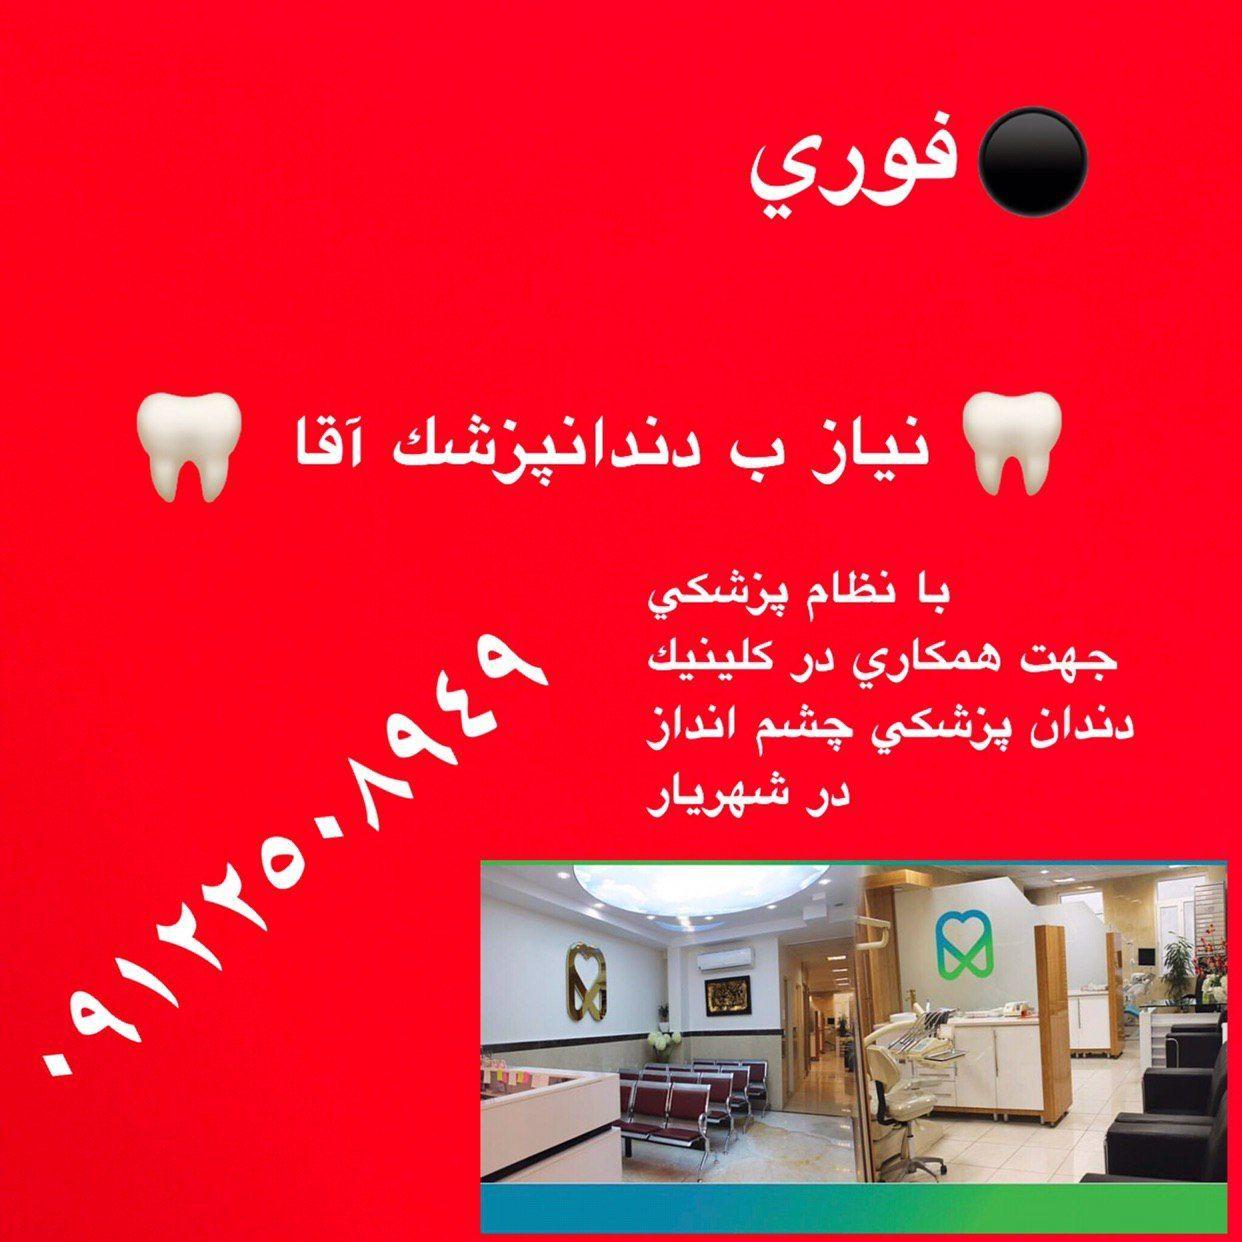 تهران: سید خندان، واگذاری مطب دندانپزشکی